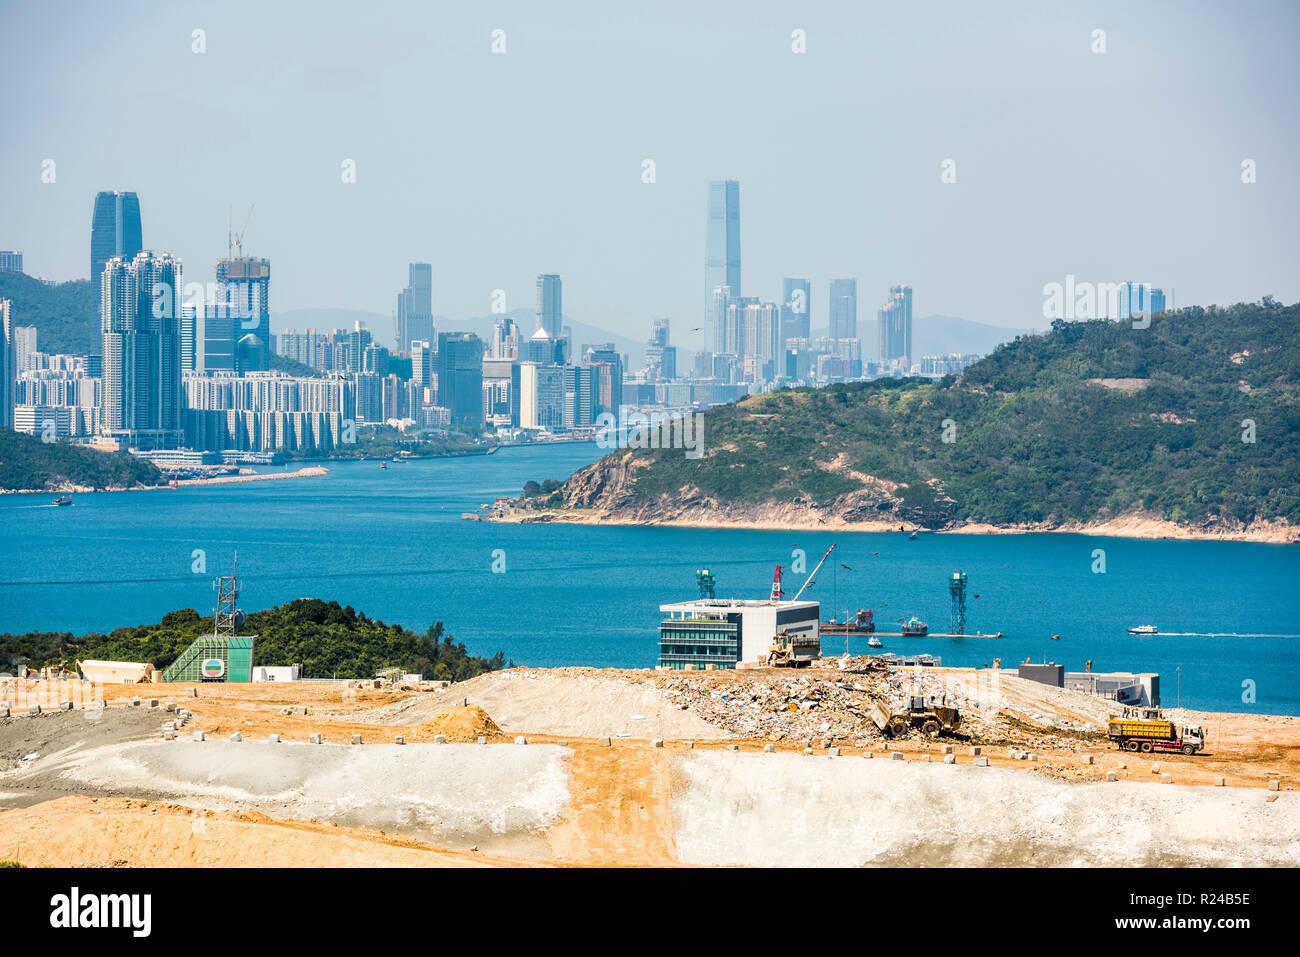 Landfill site, Kowloon, Hong Kong, China, Asia - Stock Image